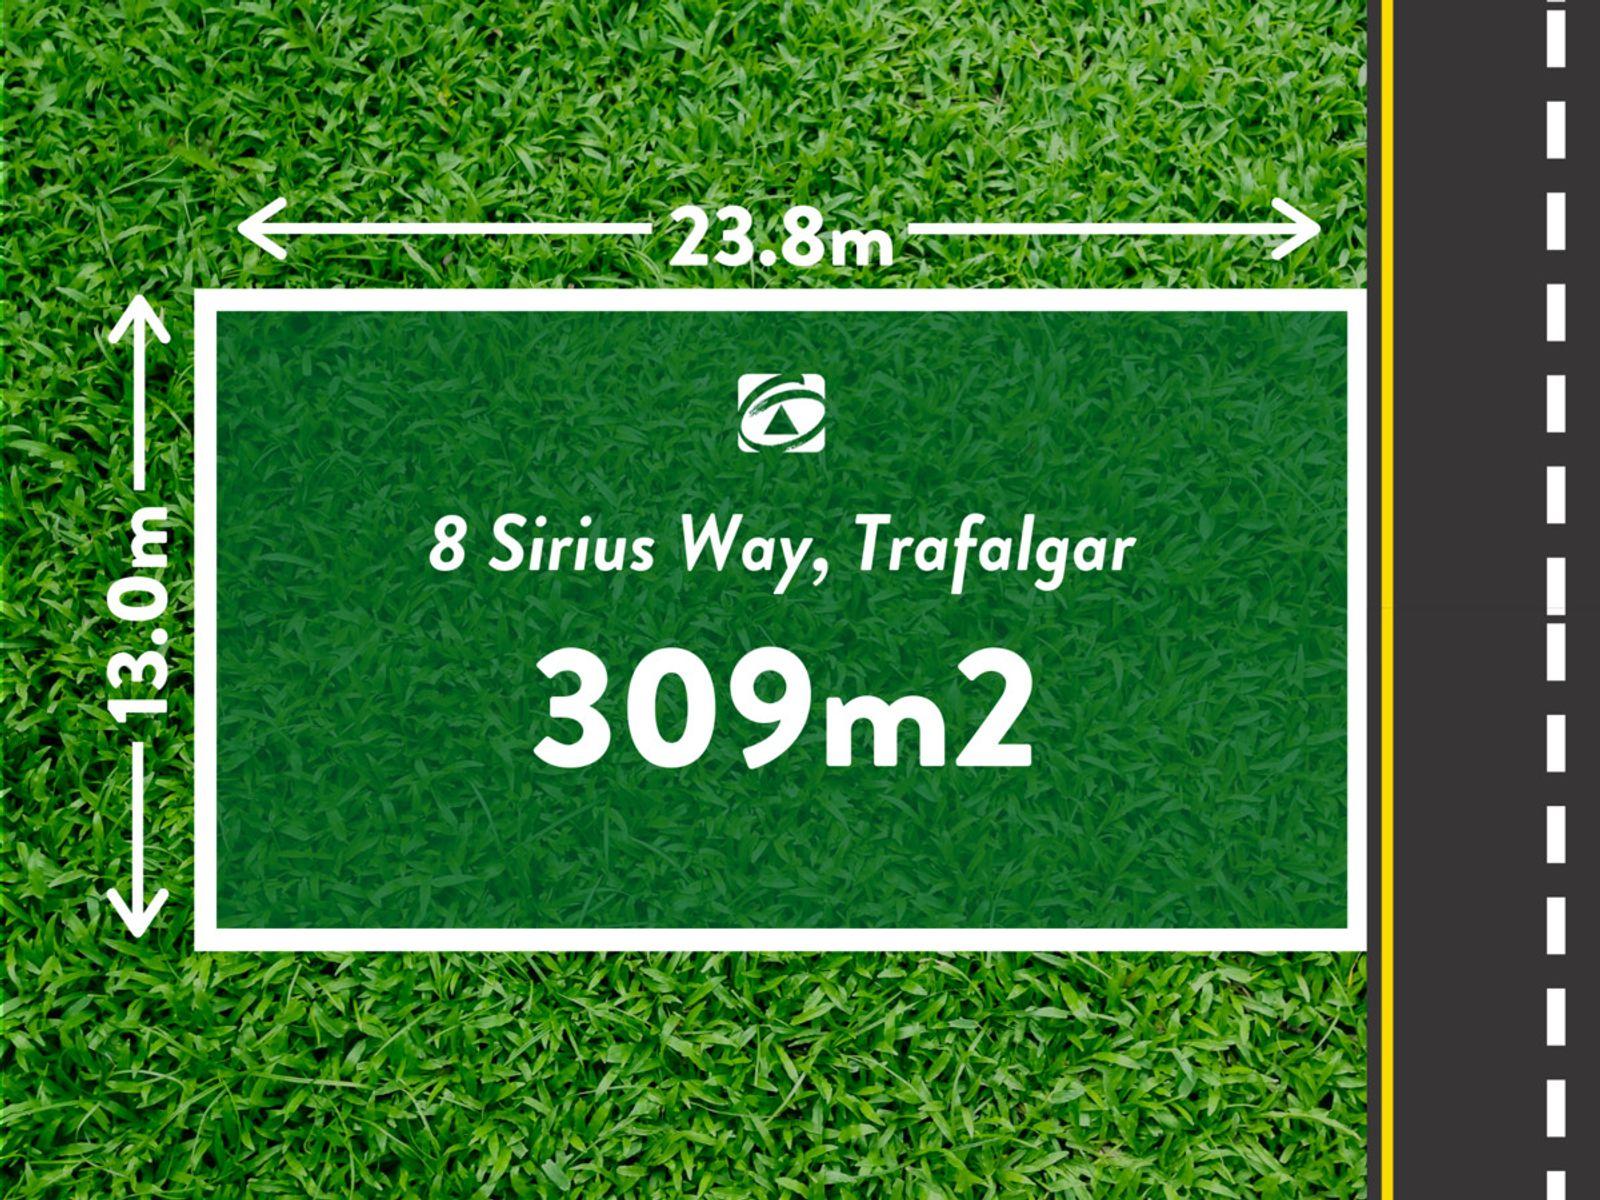 Lot 27 Sirius Way, Trafalgar, VIC 3824